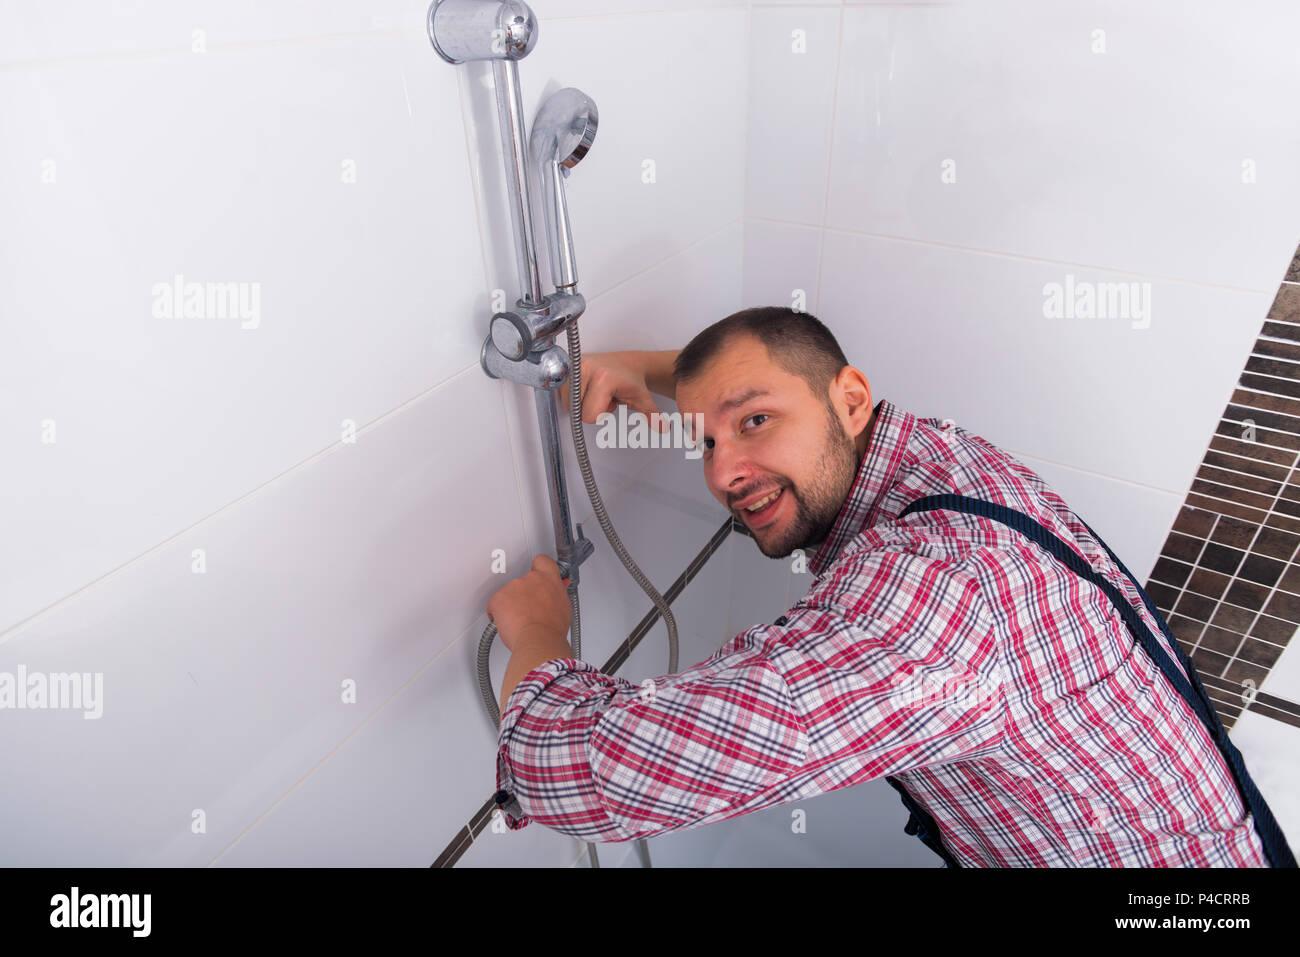 Tuttofare che fissa la doccia del bagno Immagini Stock